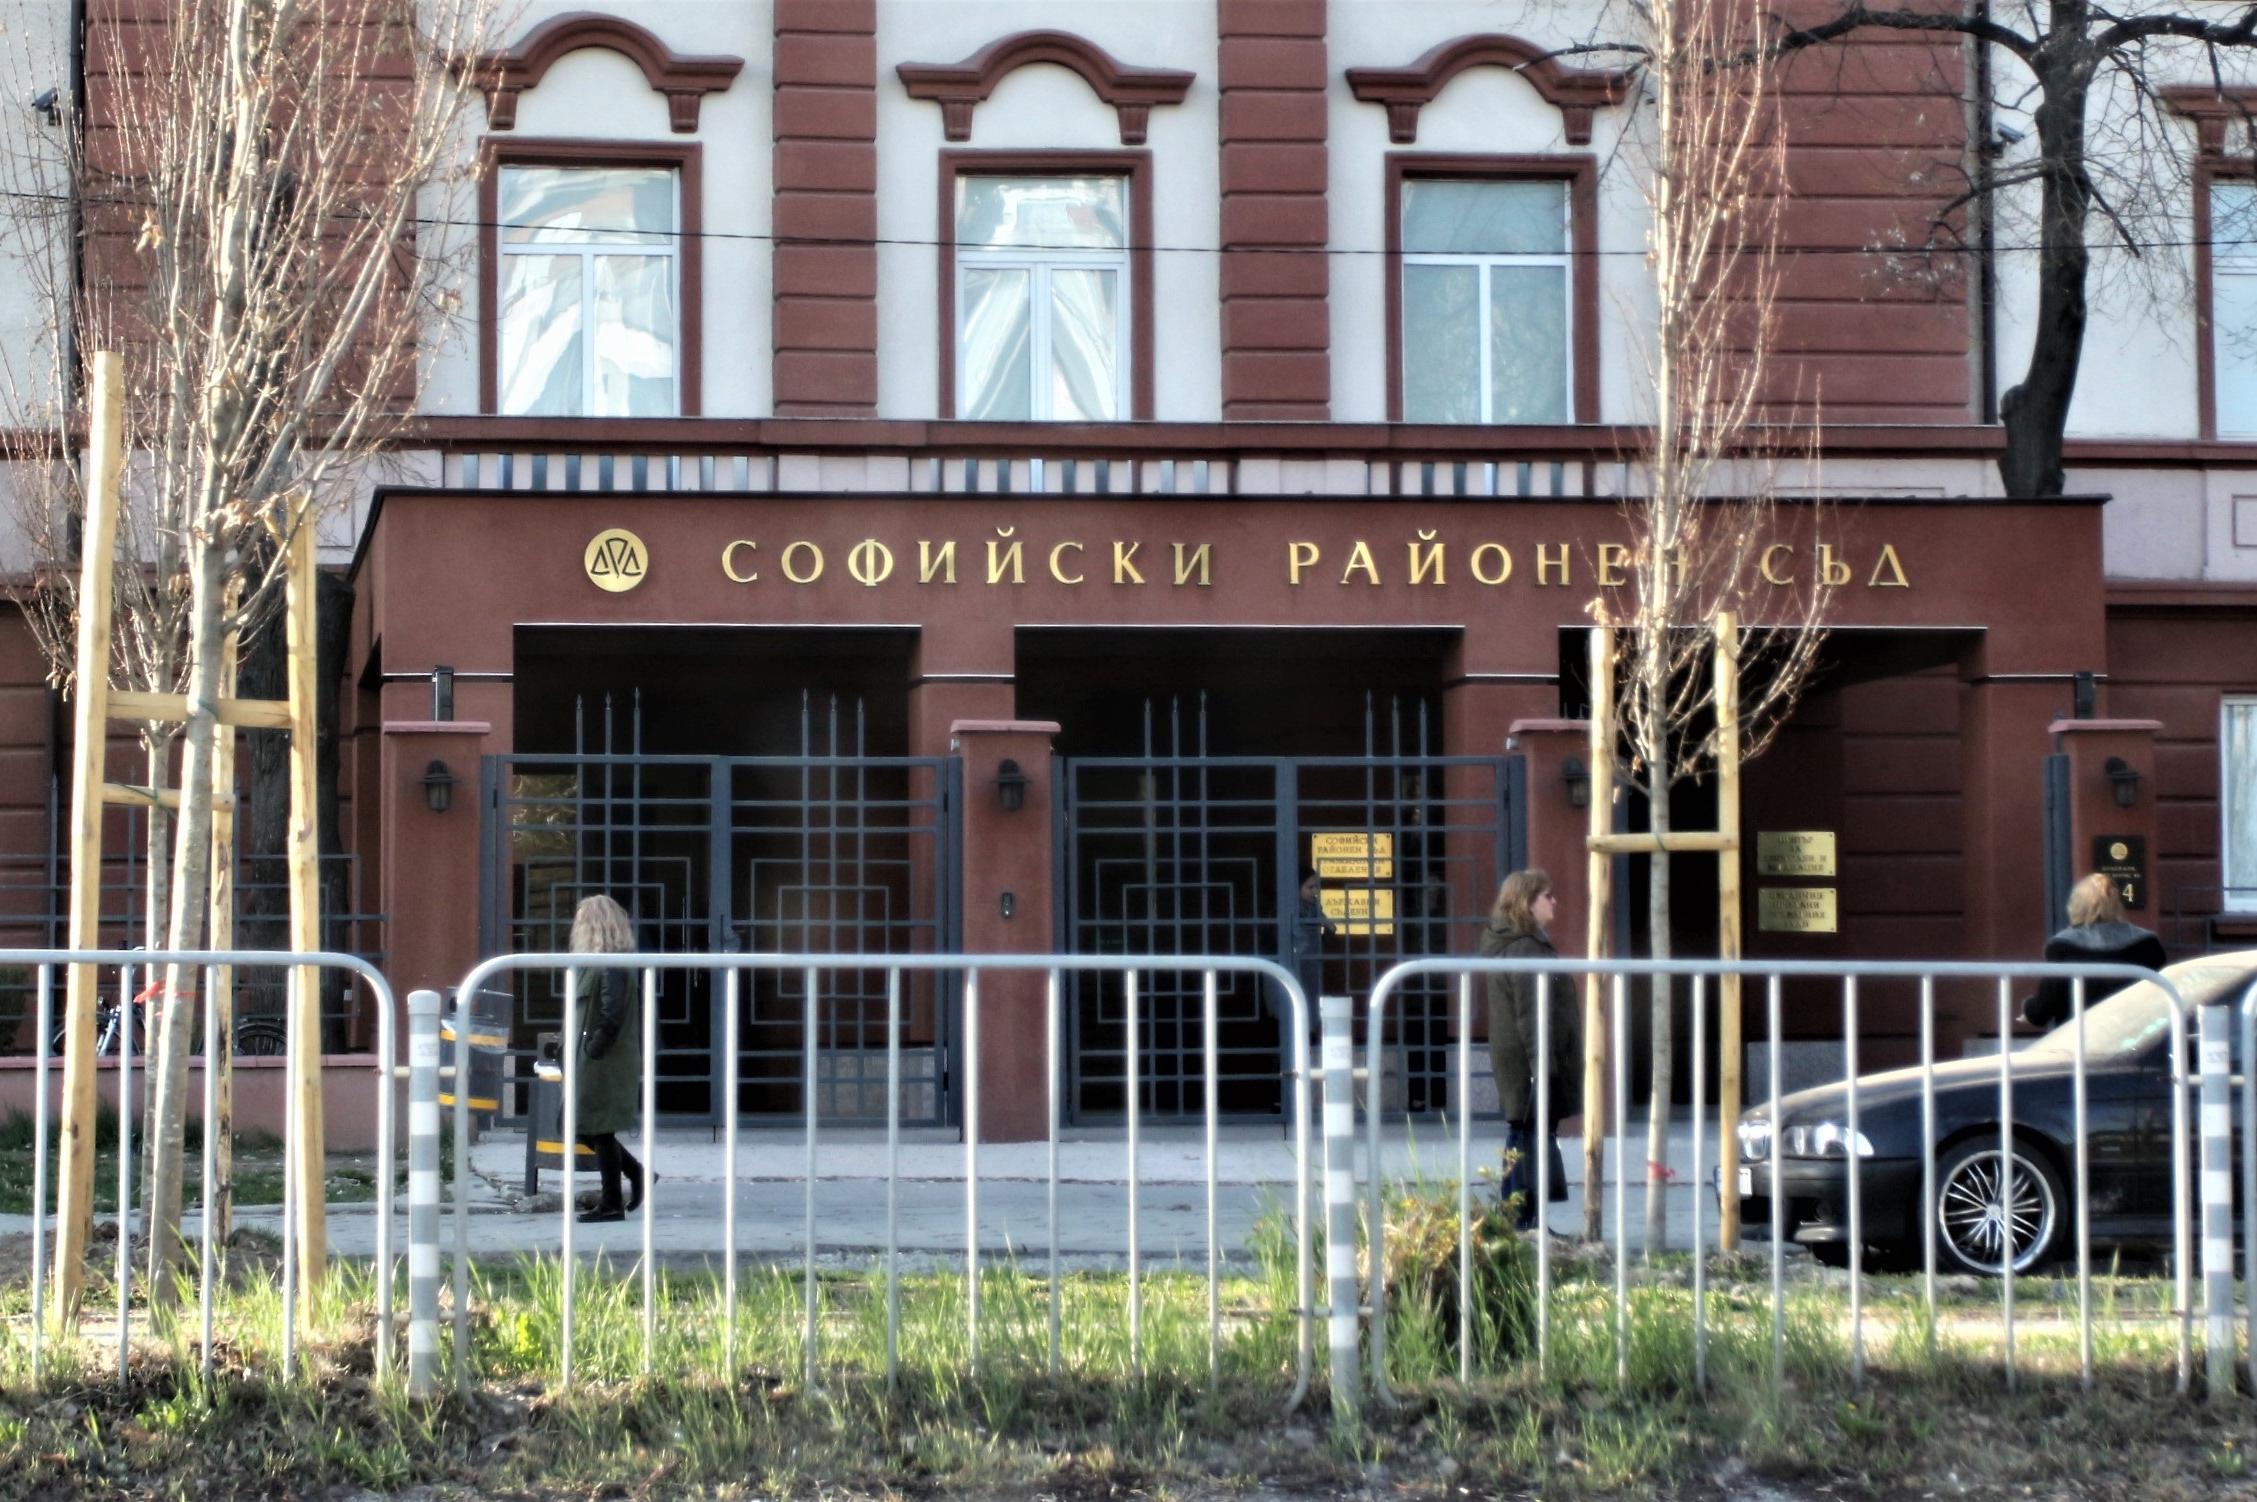 Софийска районна прокуратура задържа за 72 часа 16-годишен за грабеж